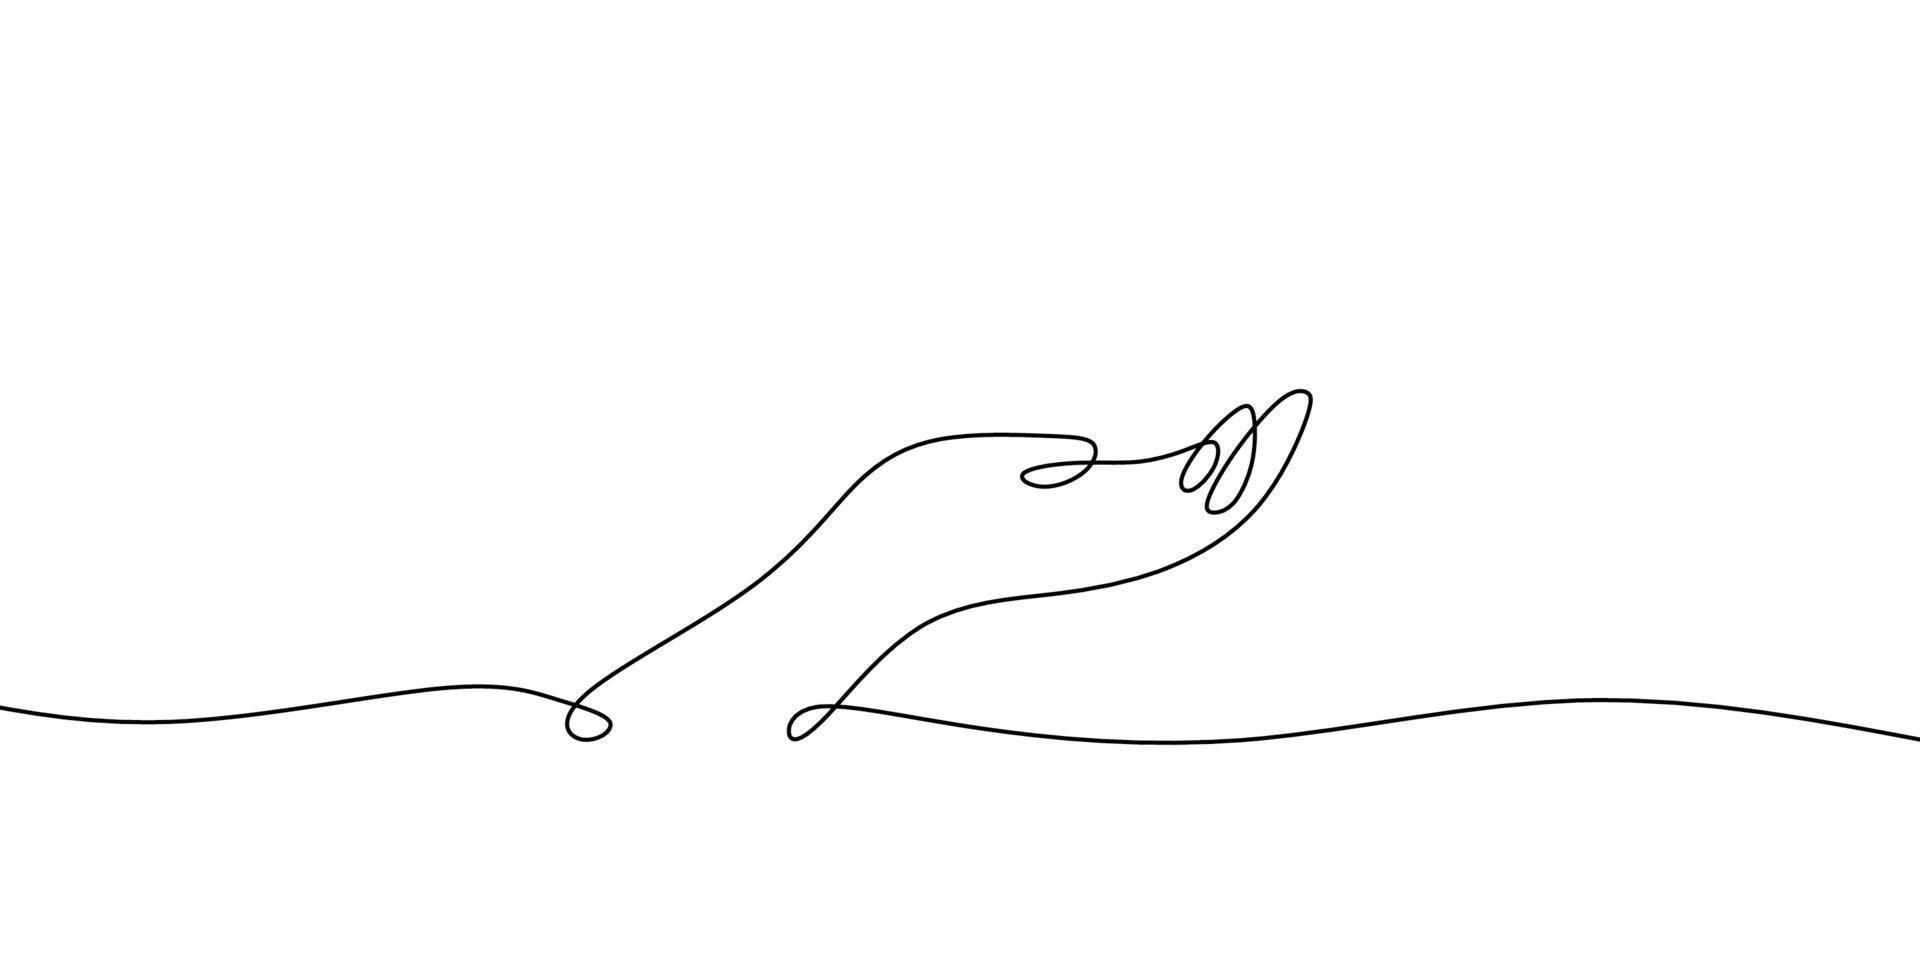 desenho de linha contínua de uma mão pobre perguntando algo. isolado no fundo branco. vetor